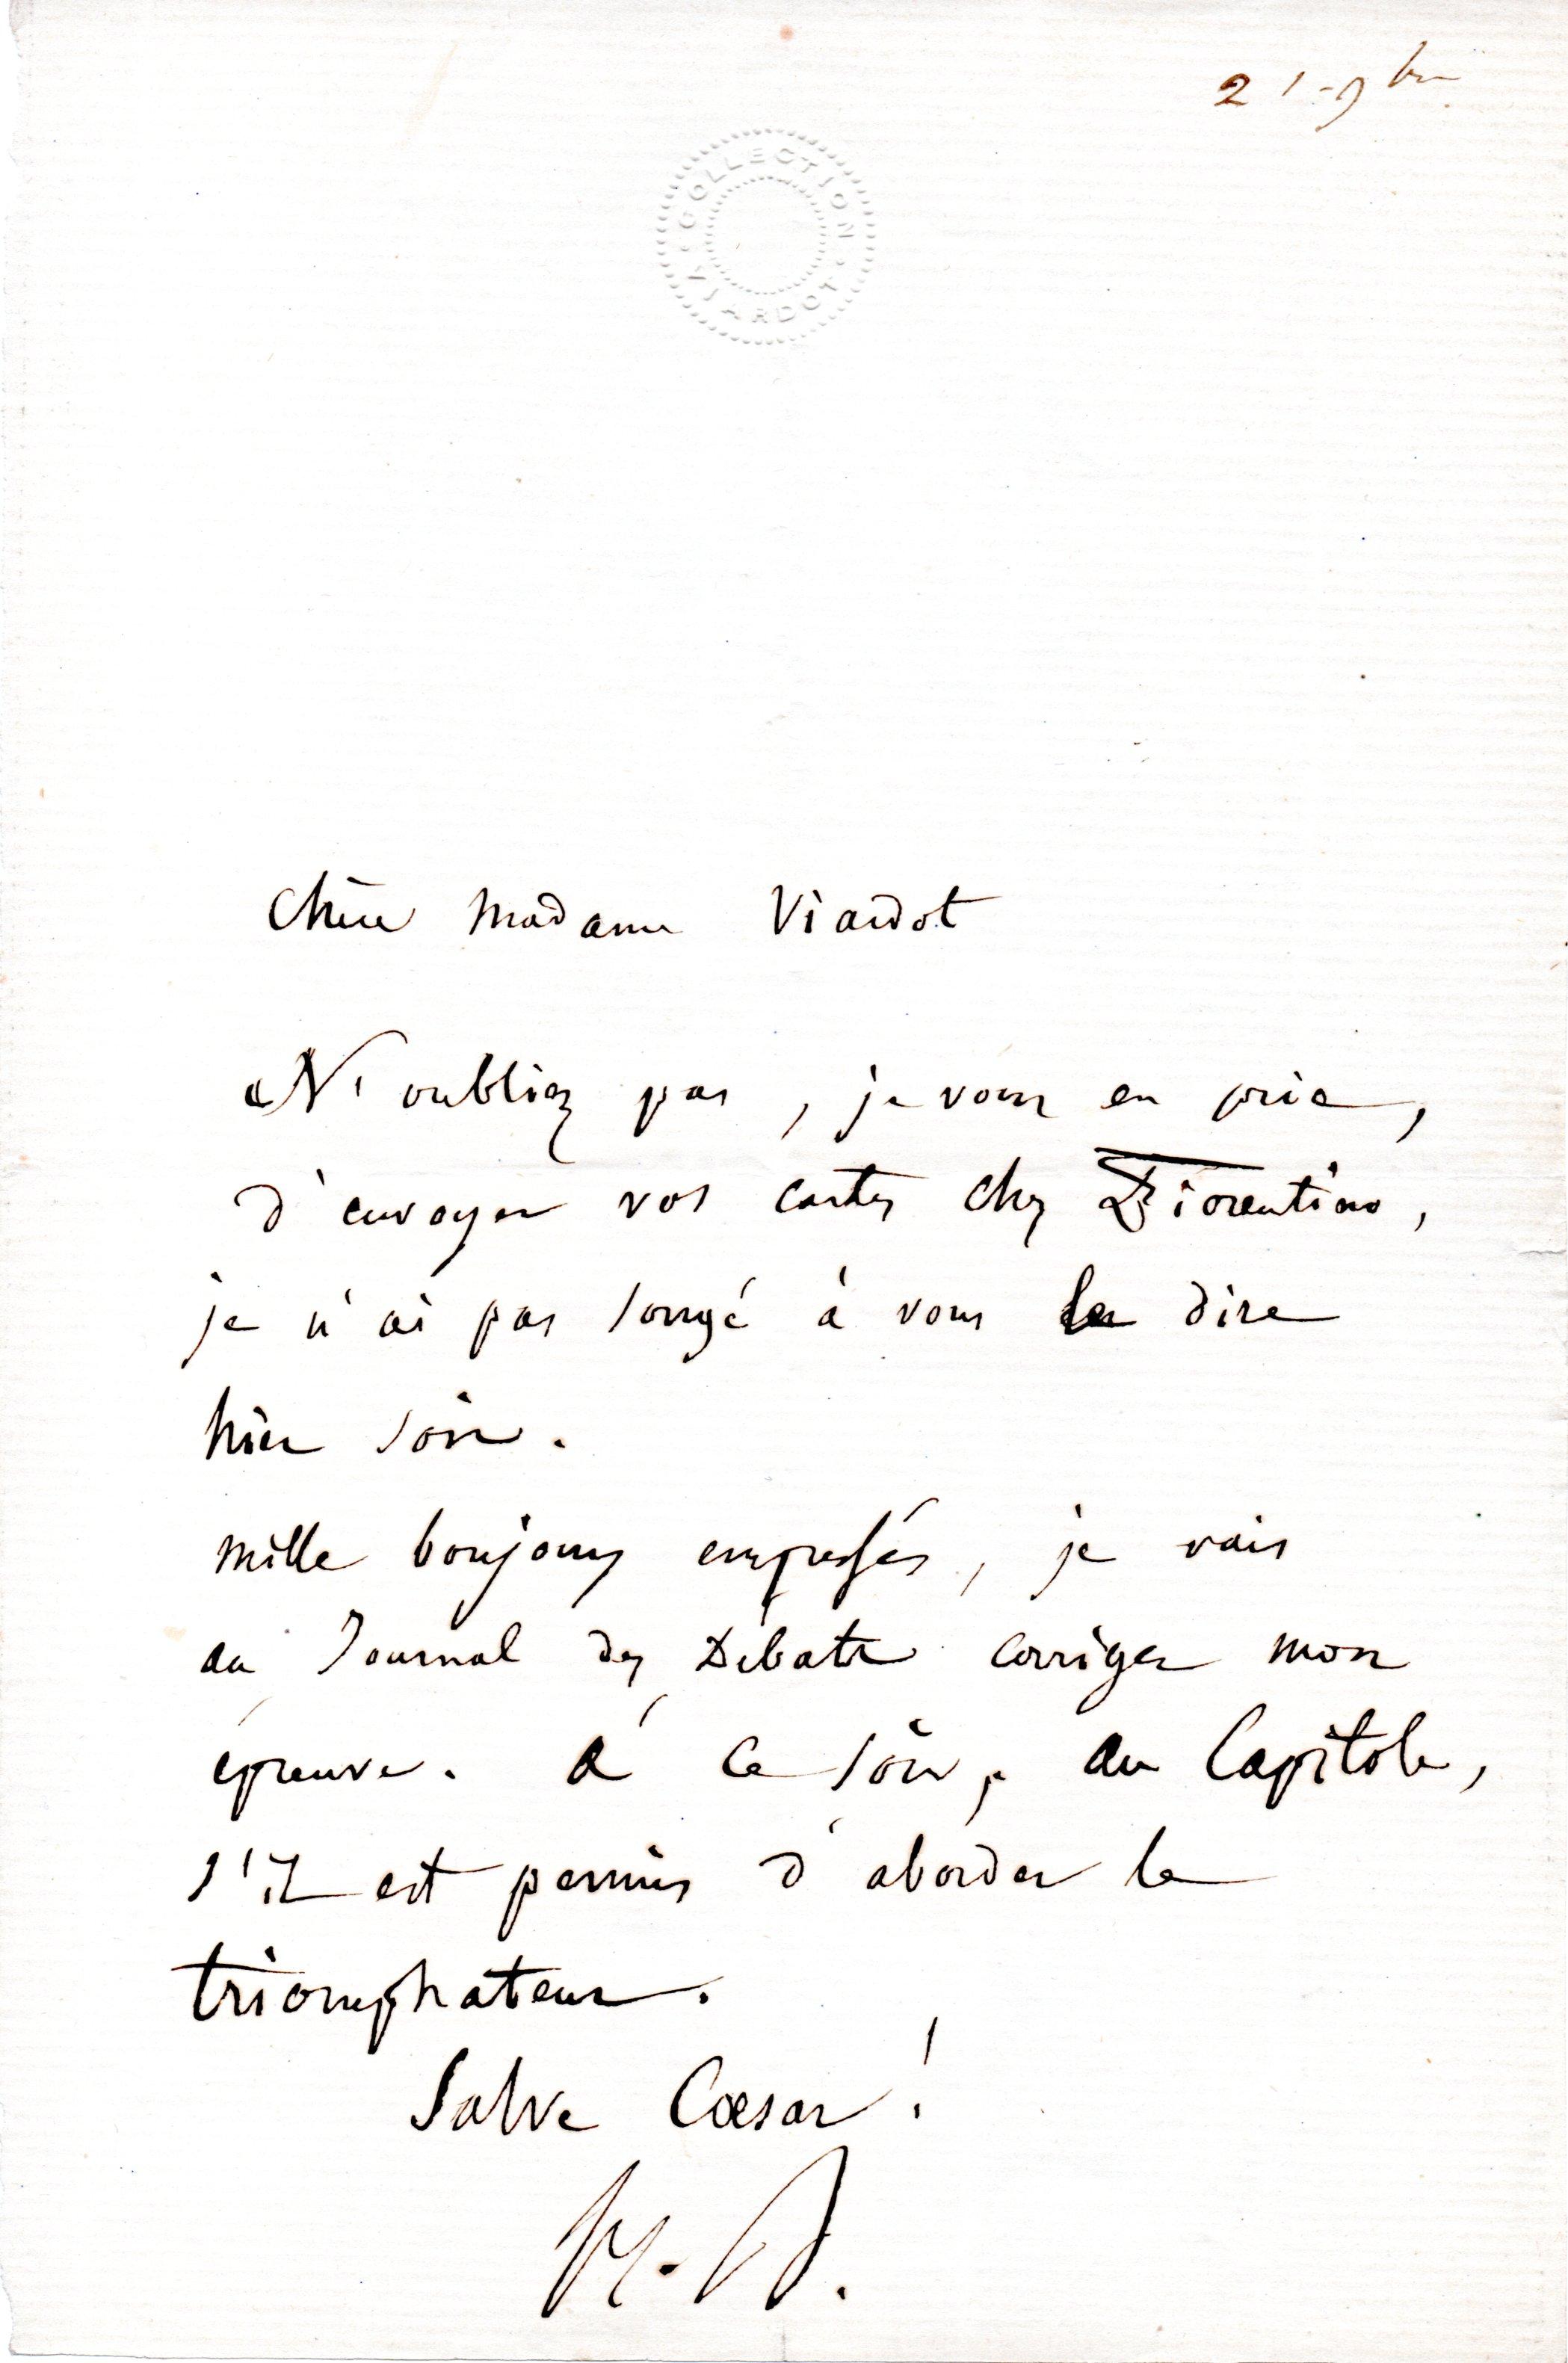 016. Hector BERLIOZ (1803-1869) compositeur Image